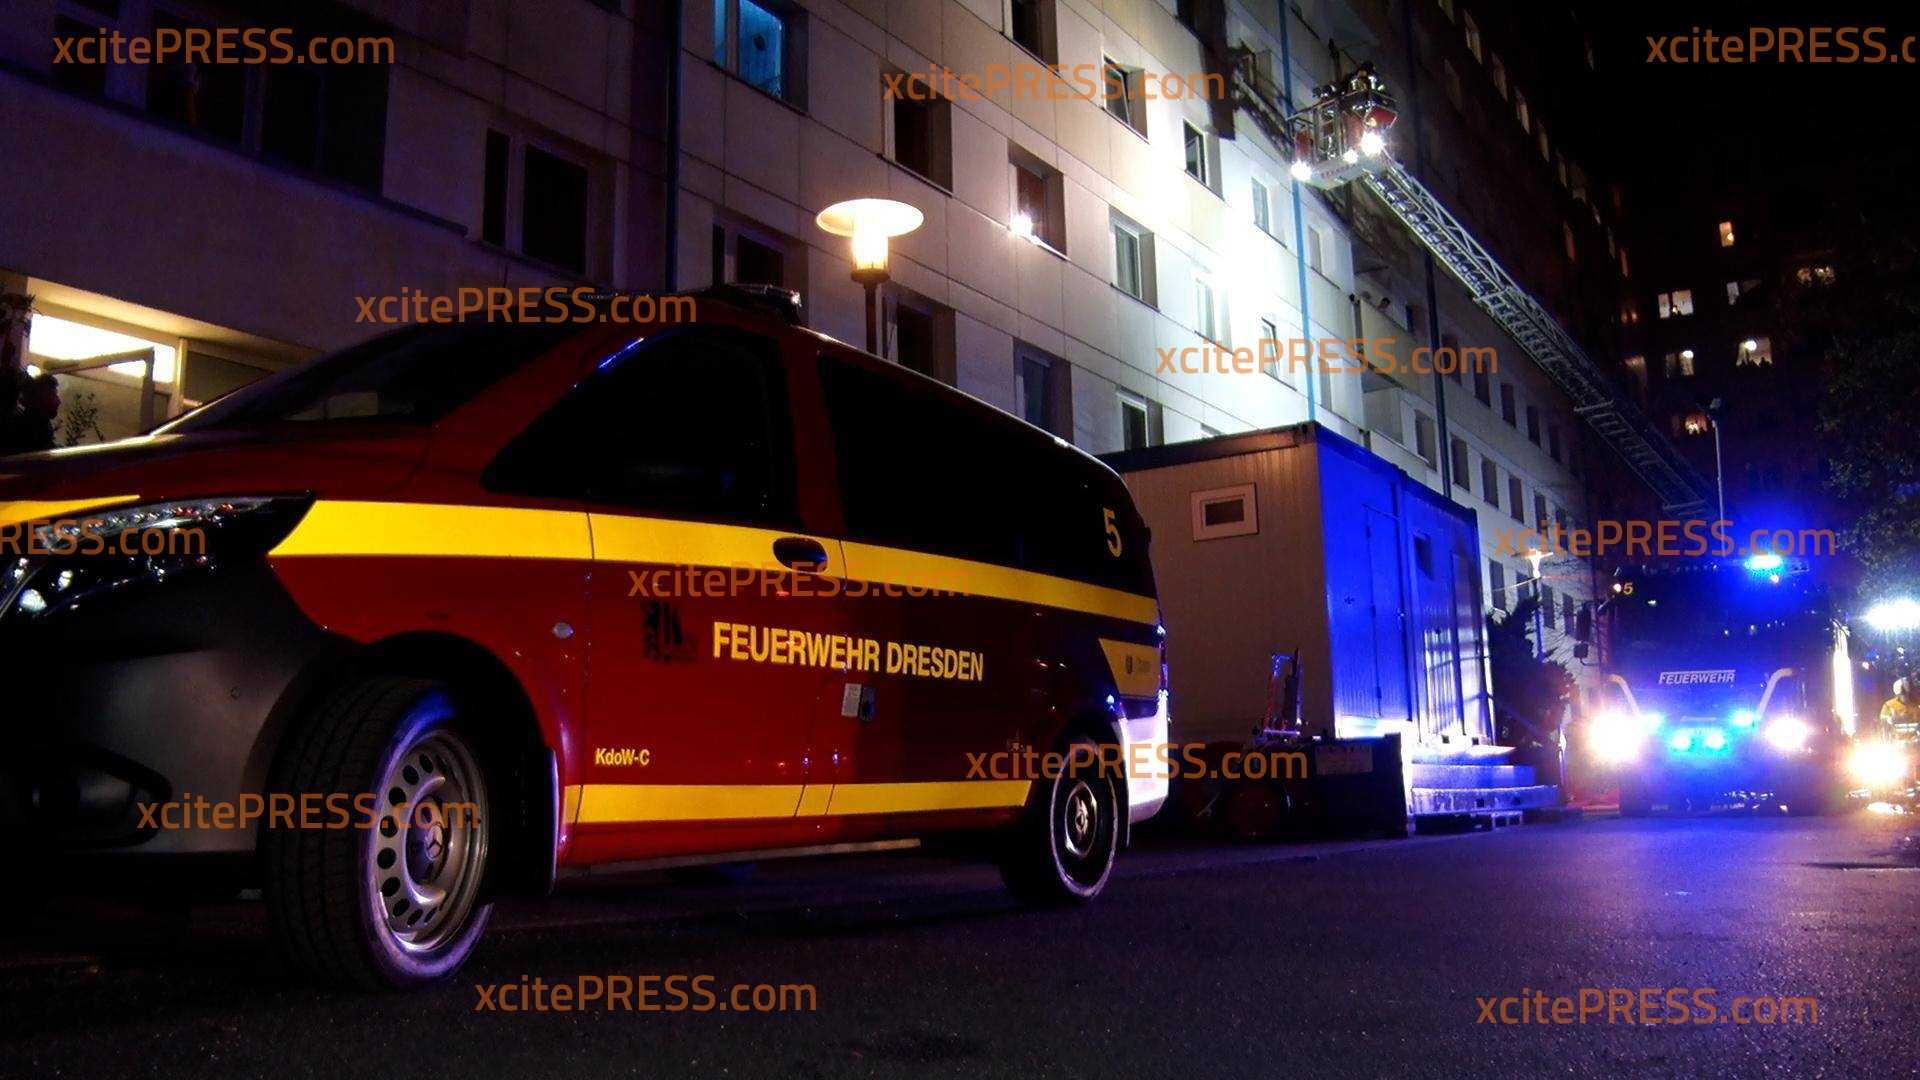 Erneut Brand in Hochhaus an Budapester Straße - Vier Verletzte: Feuer war im Bereich eines Verteilers im Keller ausgebrochen